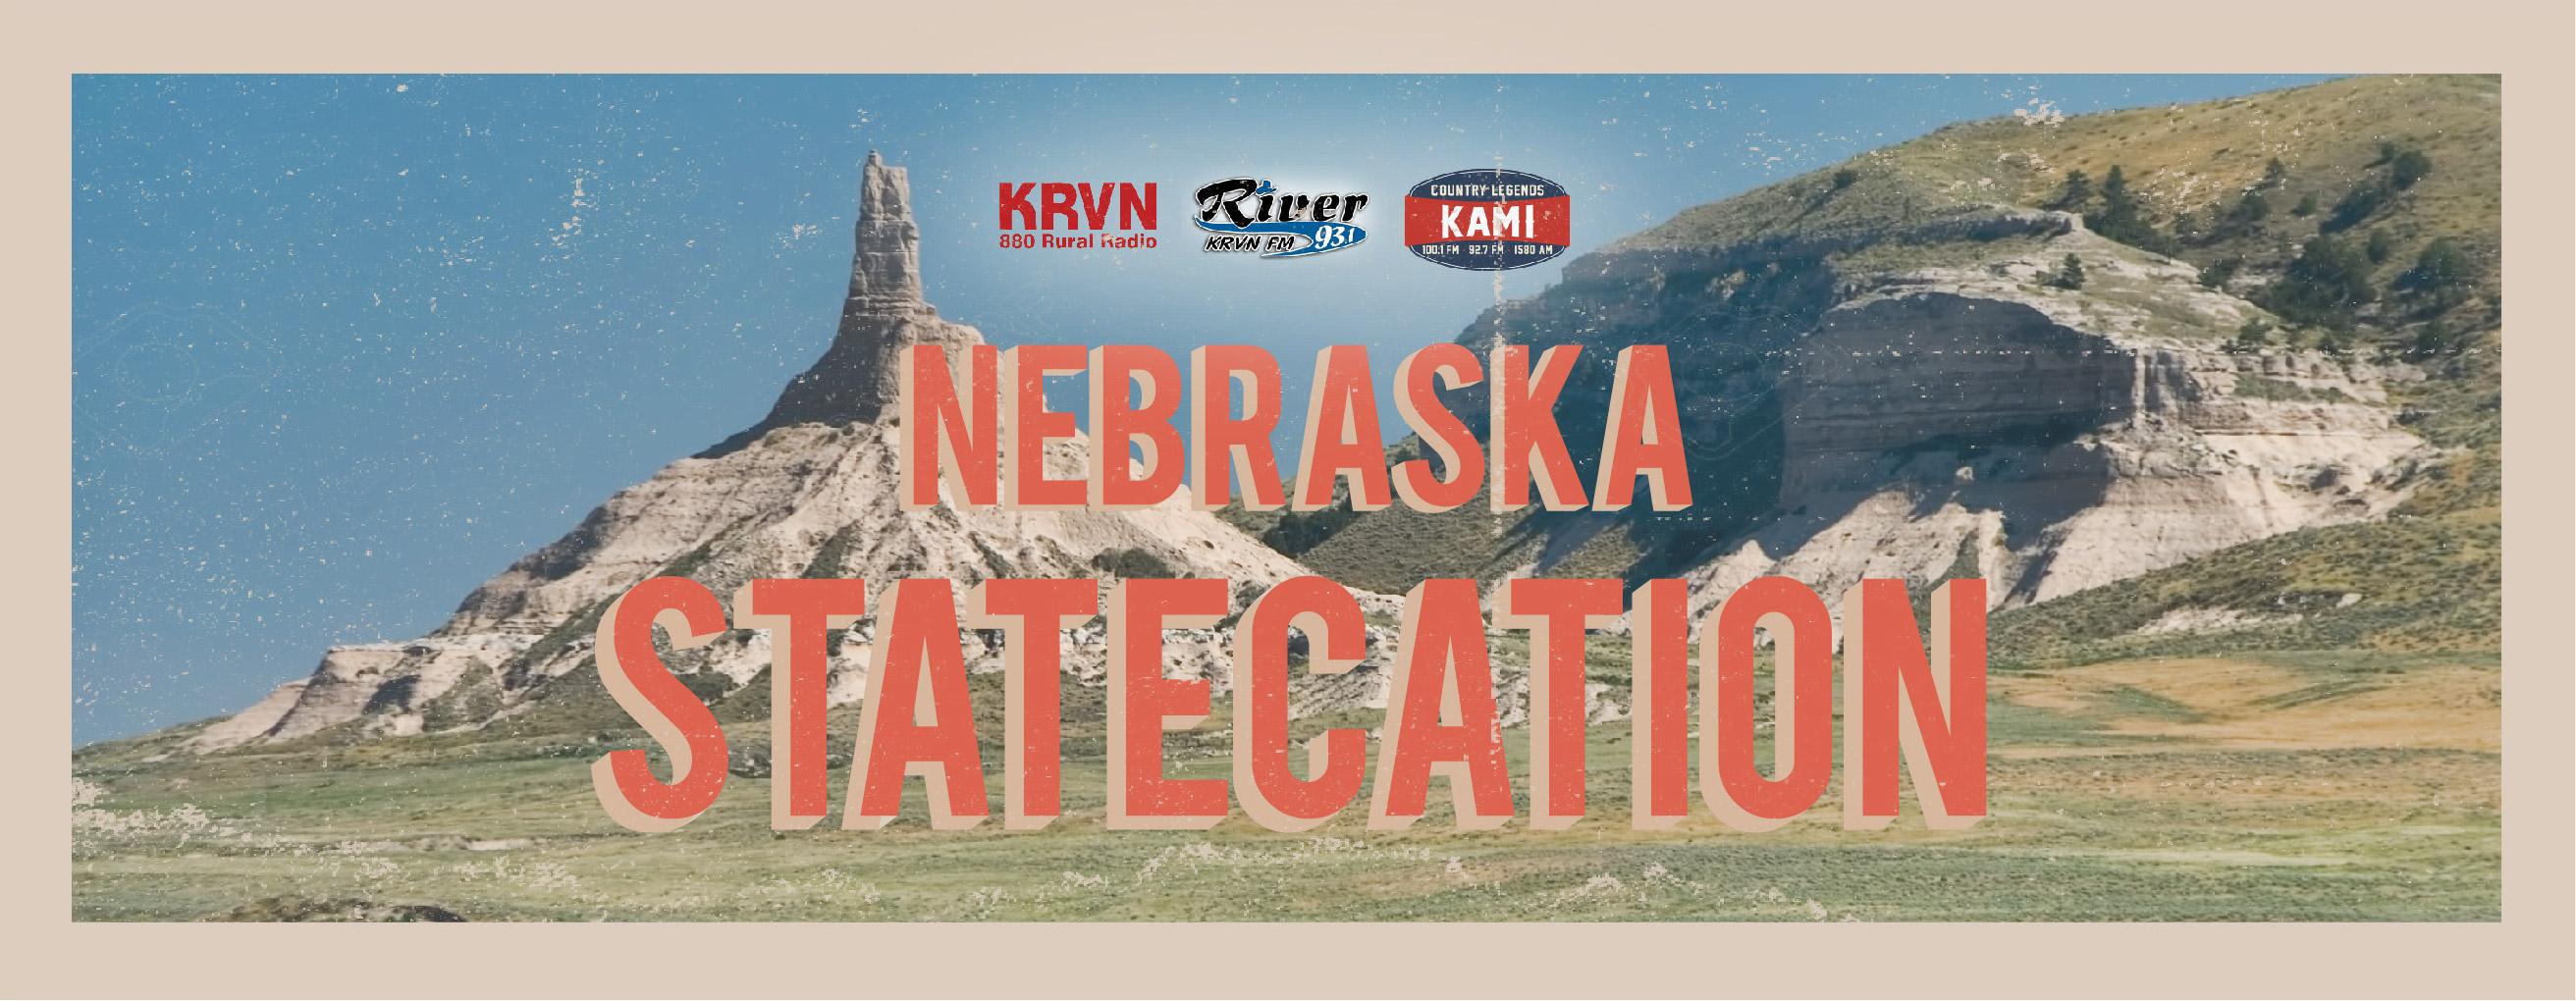 Nebraska StateCation